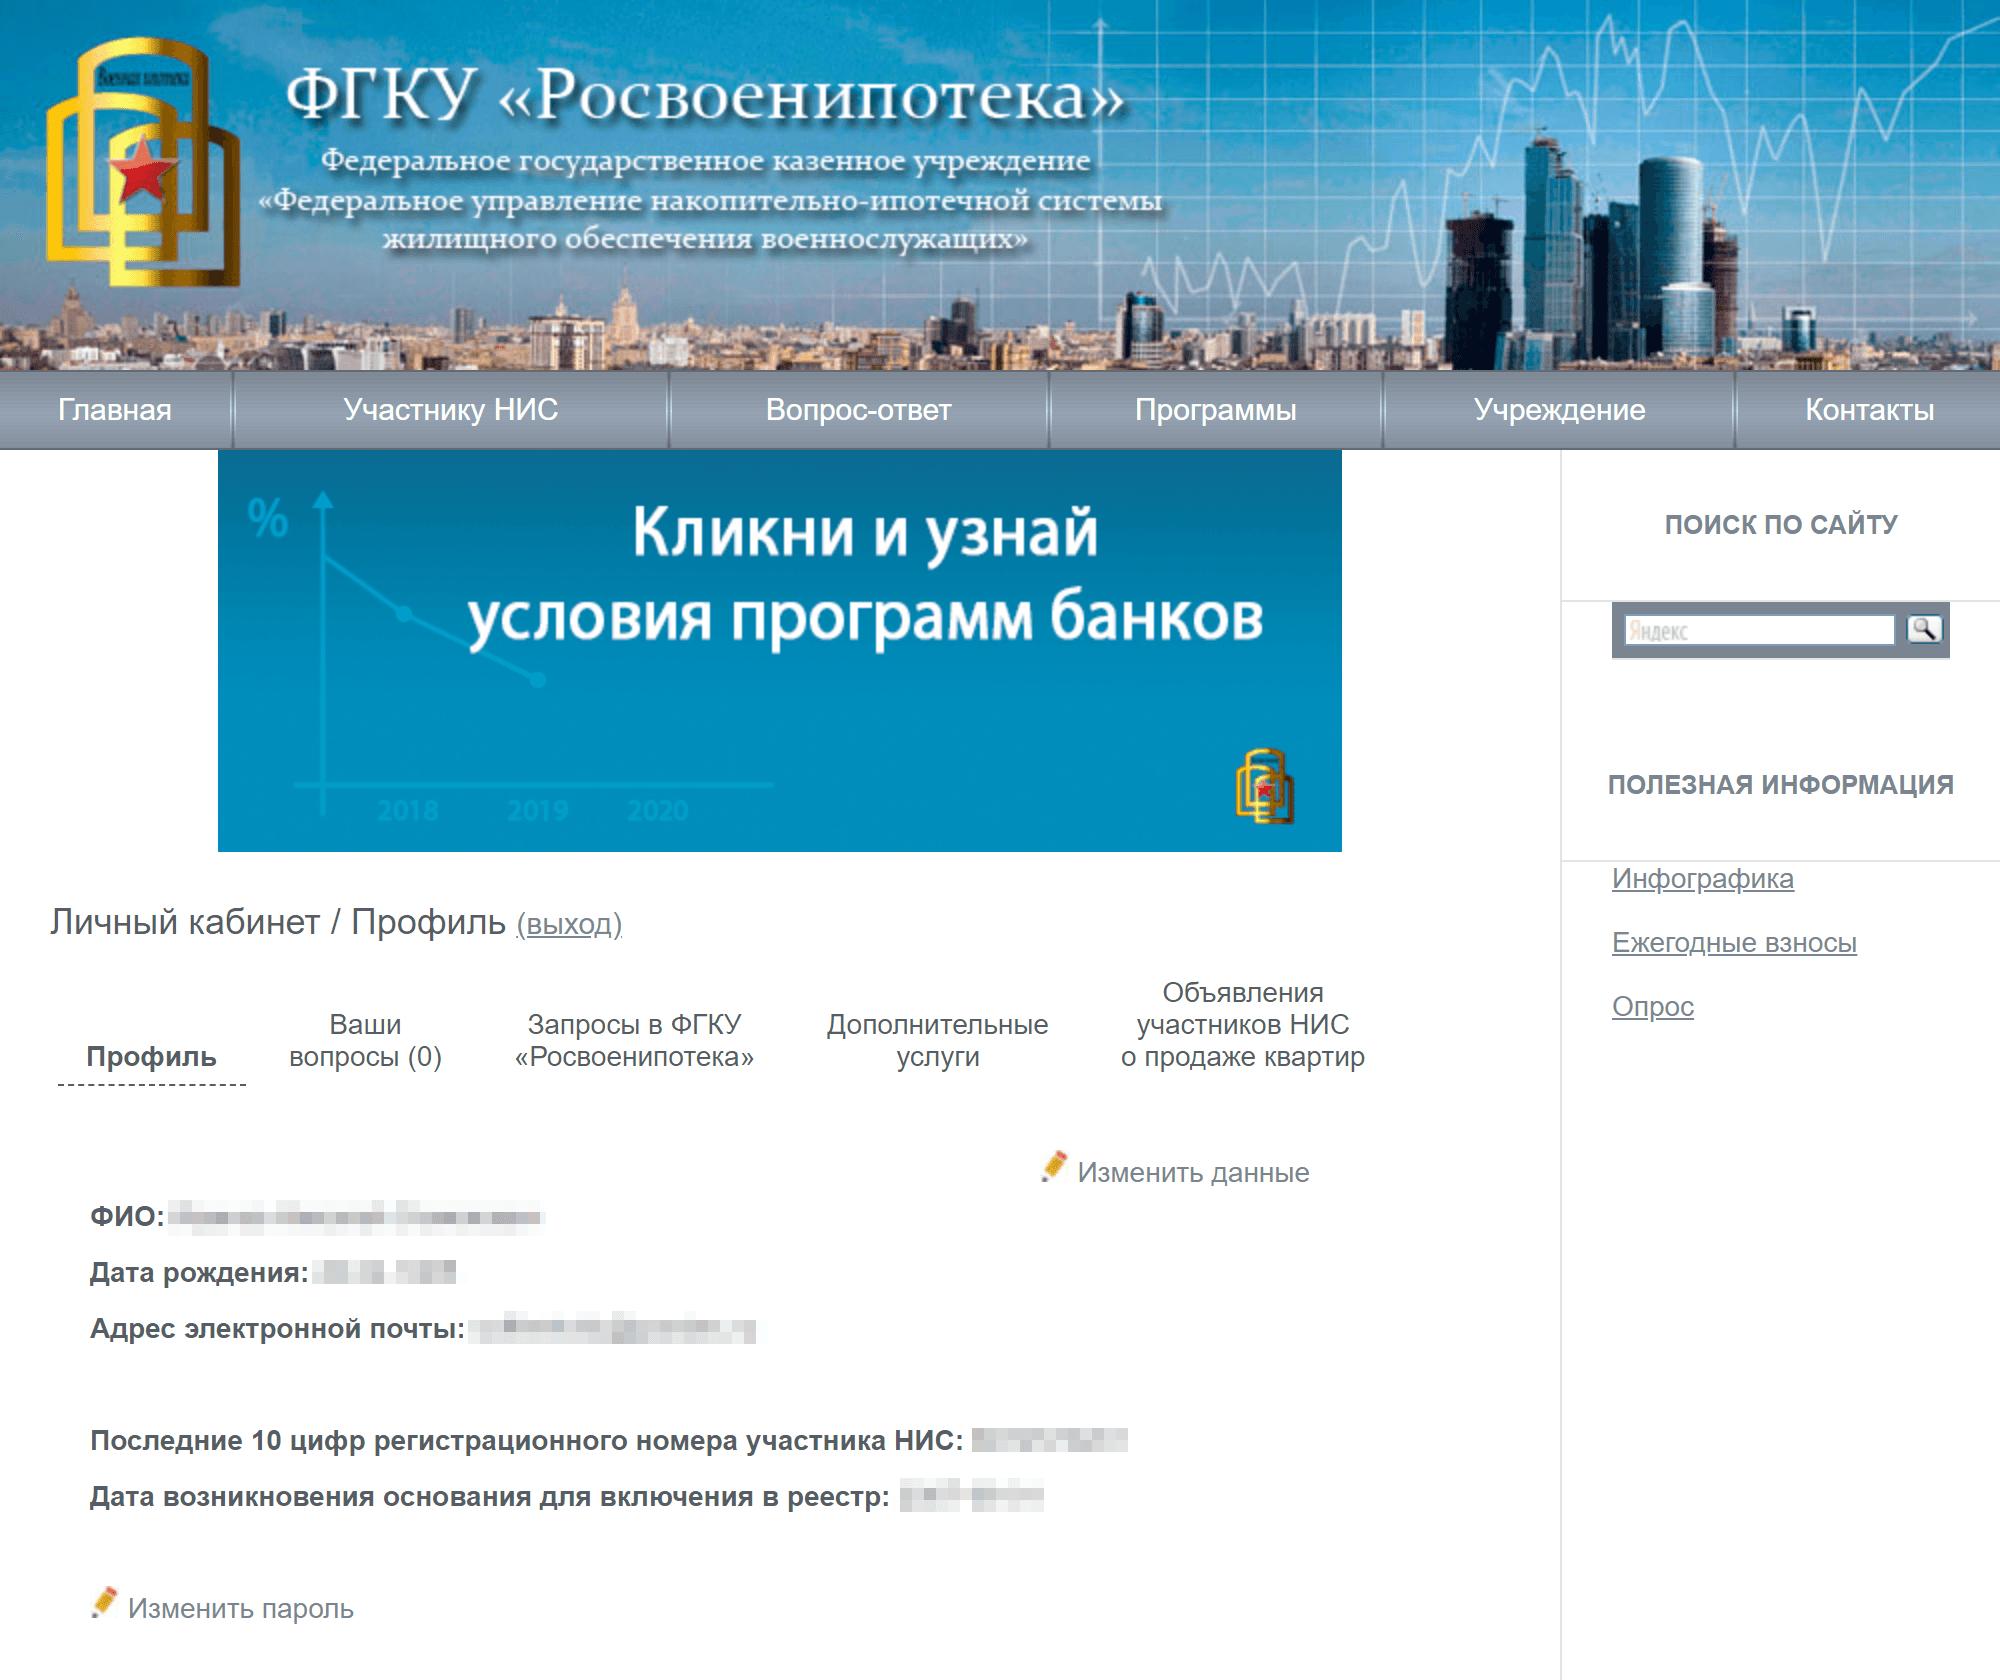 У Росвоенипотеки есть свой сайт с личным кабинетом участника накопительно-ипотечной системы. Через него проверяют состояние накопительного счета, наличие обременений или график погашения задолженности